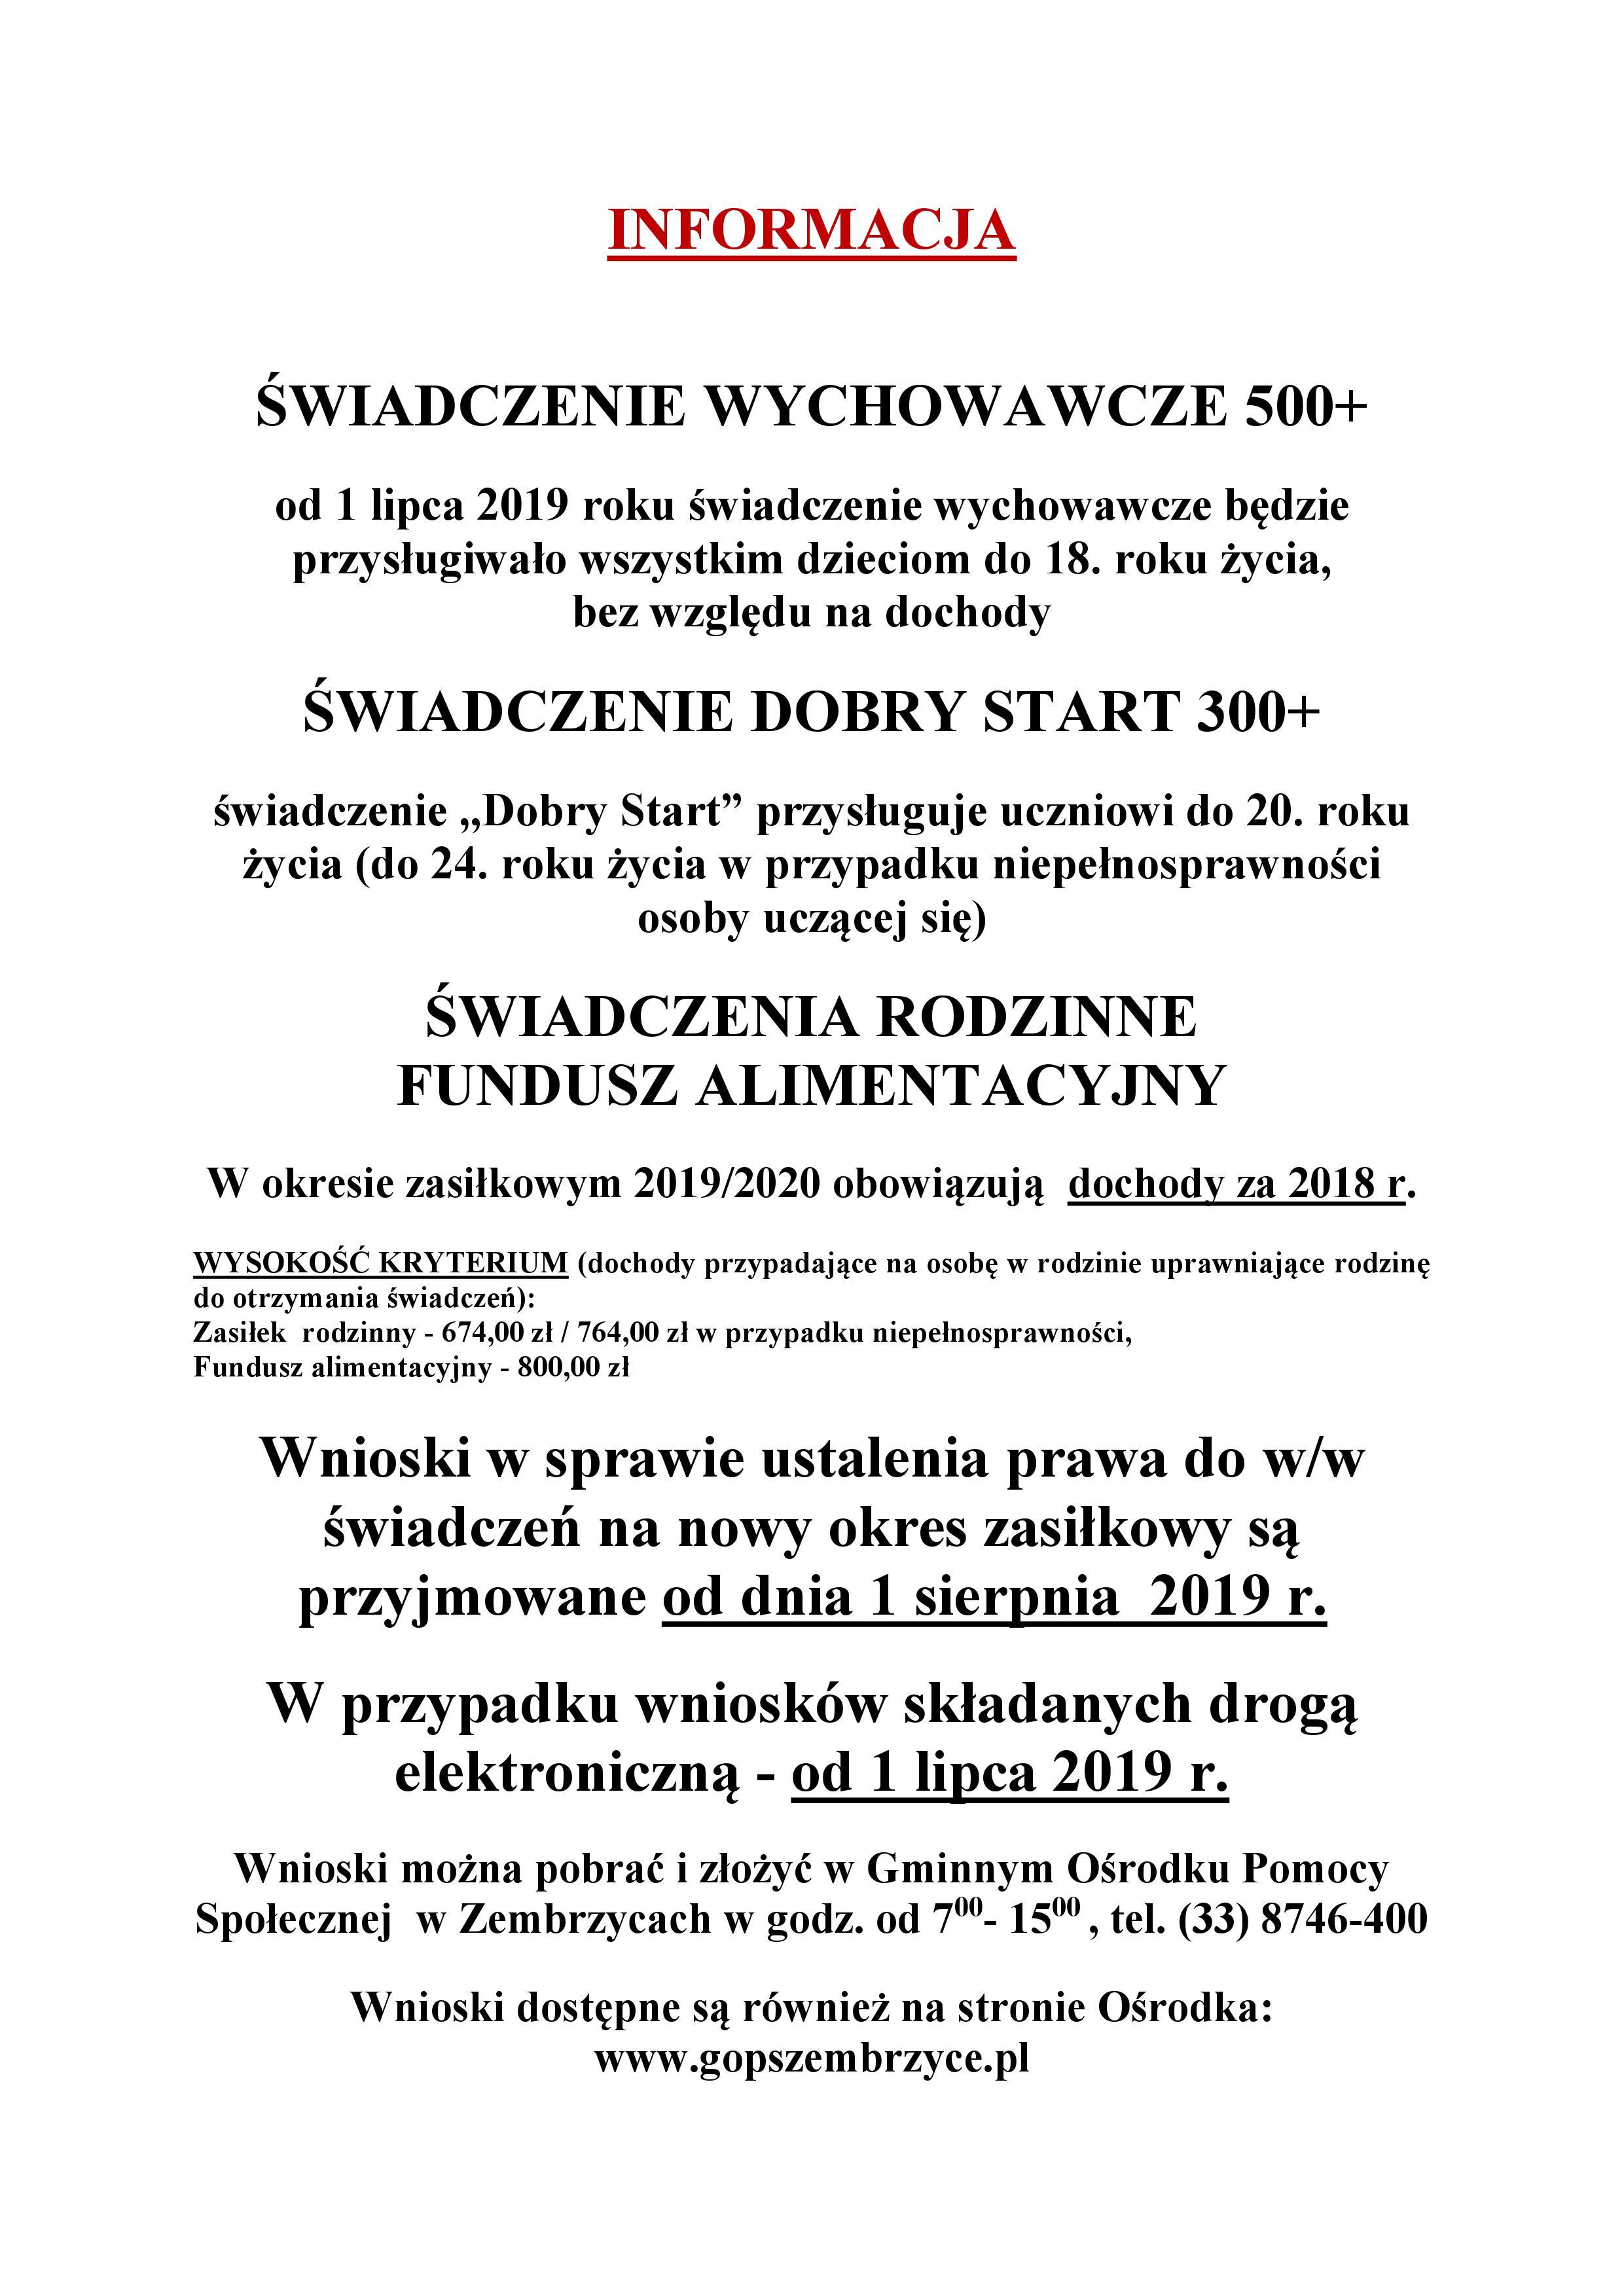 fe02f872220999 Przypominamy, że Gminny Ośrodek Pomocy Społecznej w Zembrzycach realizuje  projekt pn.